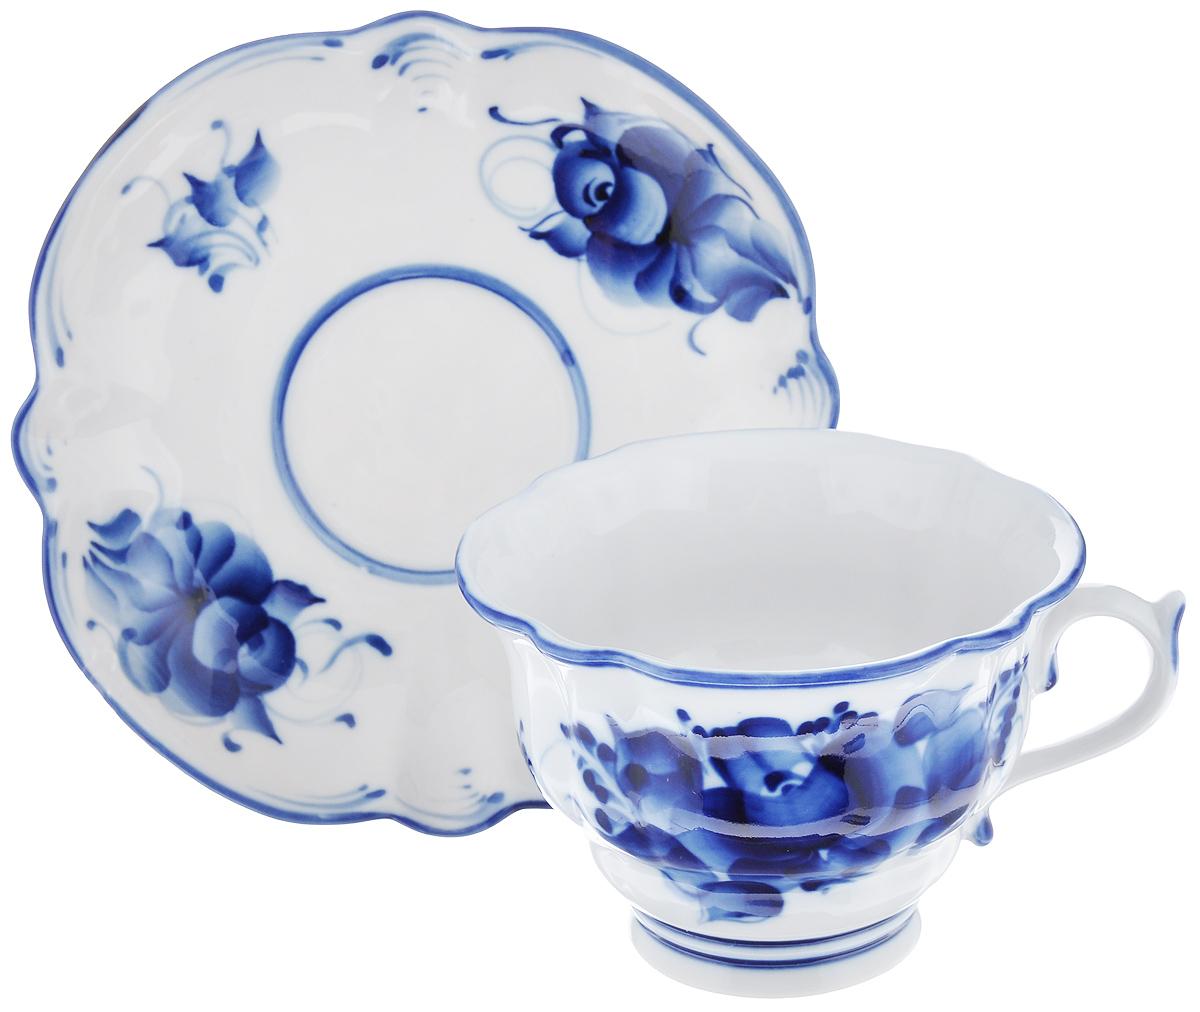 """Чайная пара """"Орхидея"""", цвет: белый, синий, 2 предмета, Гжельский фарфоровый завод"""